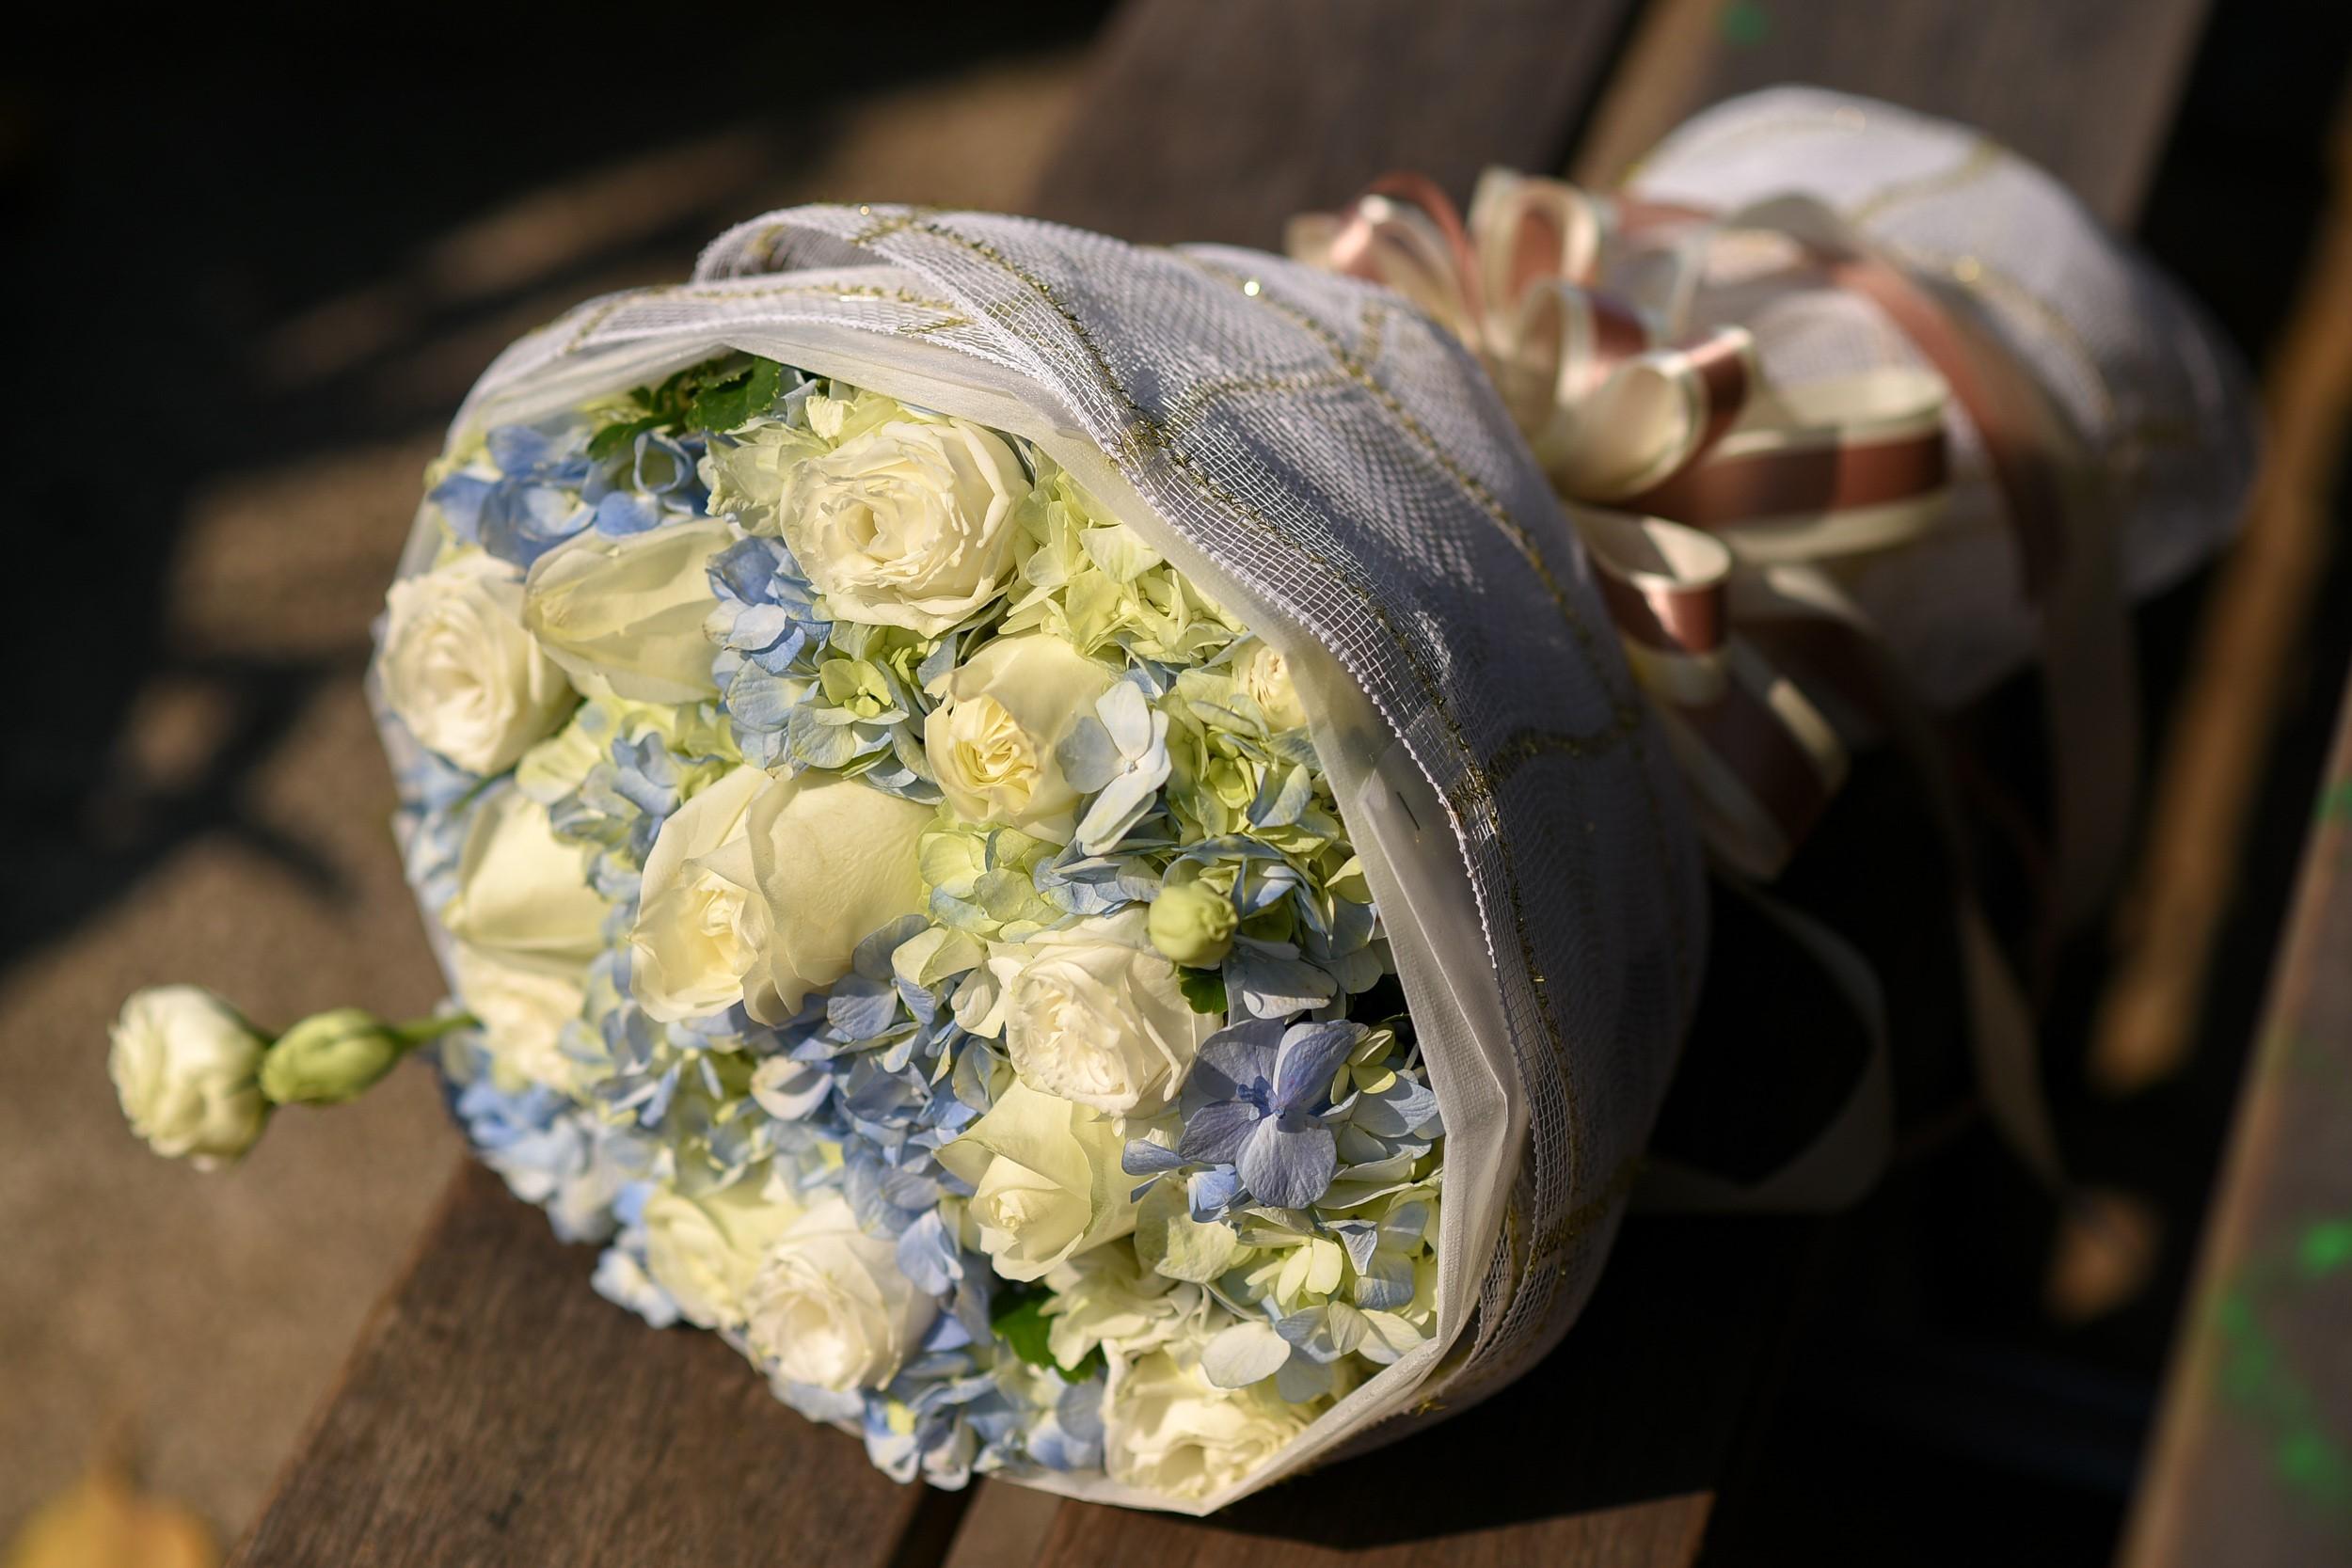 จัดส่งดอกไม้สวยๆ ถึงมือสาวคนรู้ใจในประเทศ